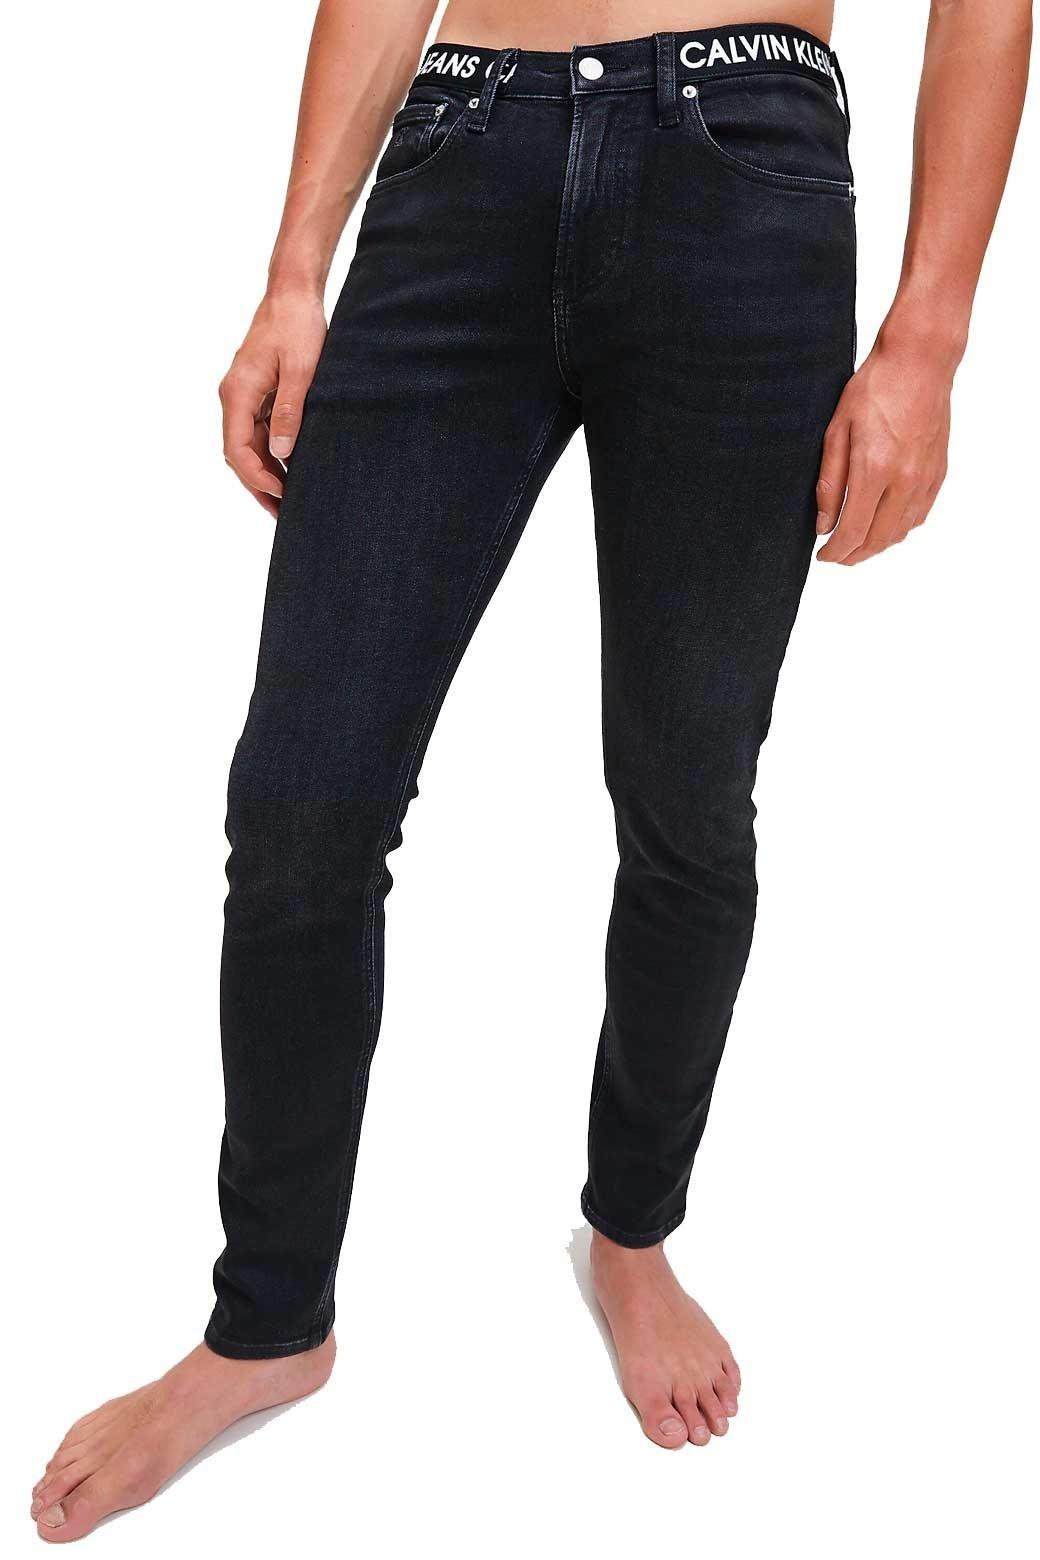 Calvin Klein Pantalon Vaquero Para Hombre Super Skinny Con Tiranegro